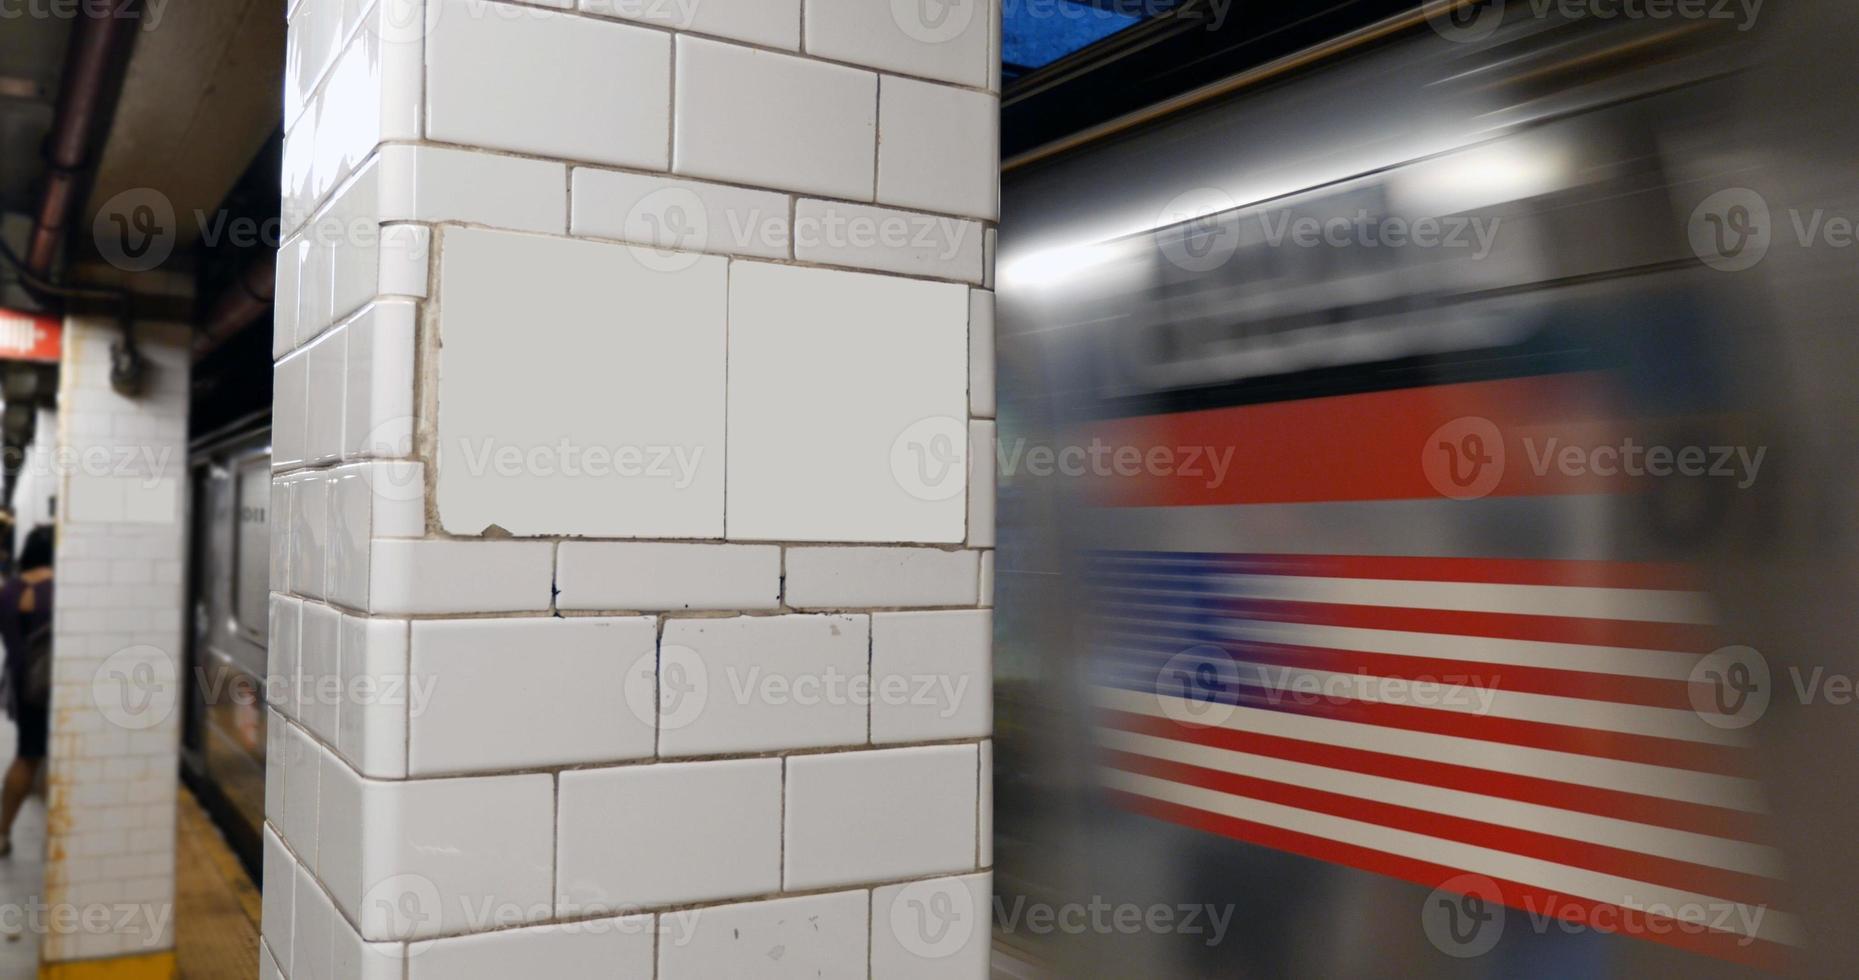 Signe vierge du métro de Manhattan photo